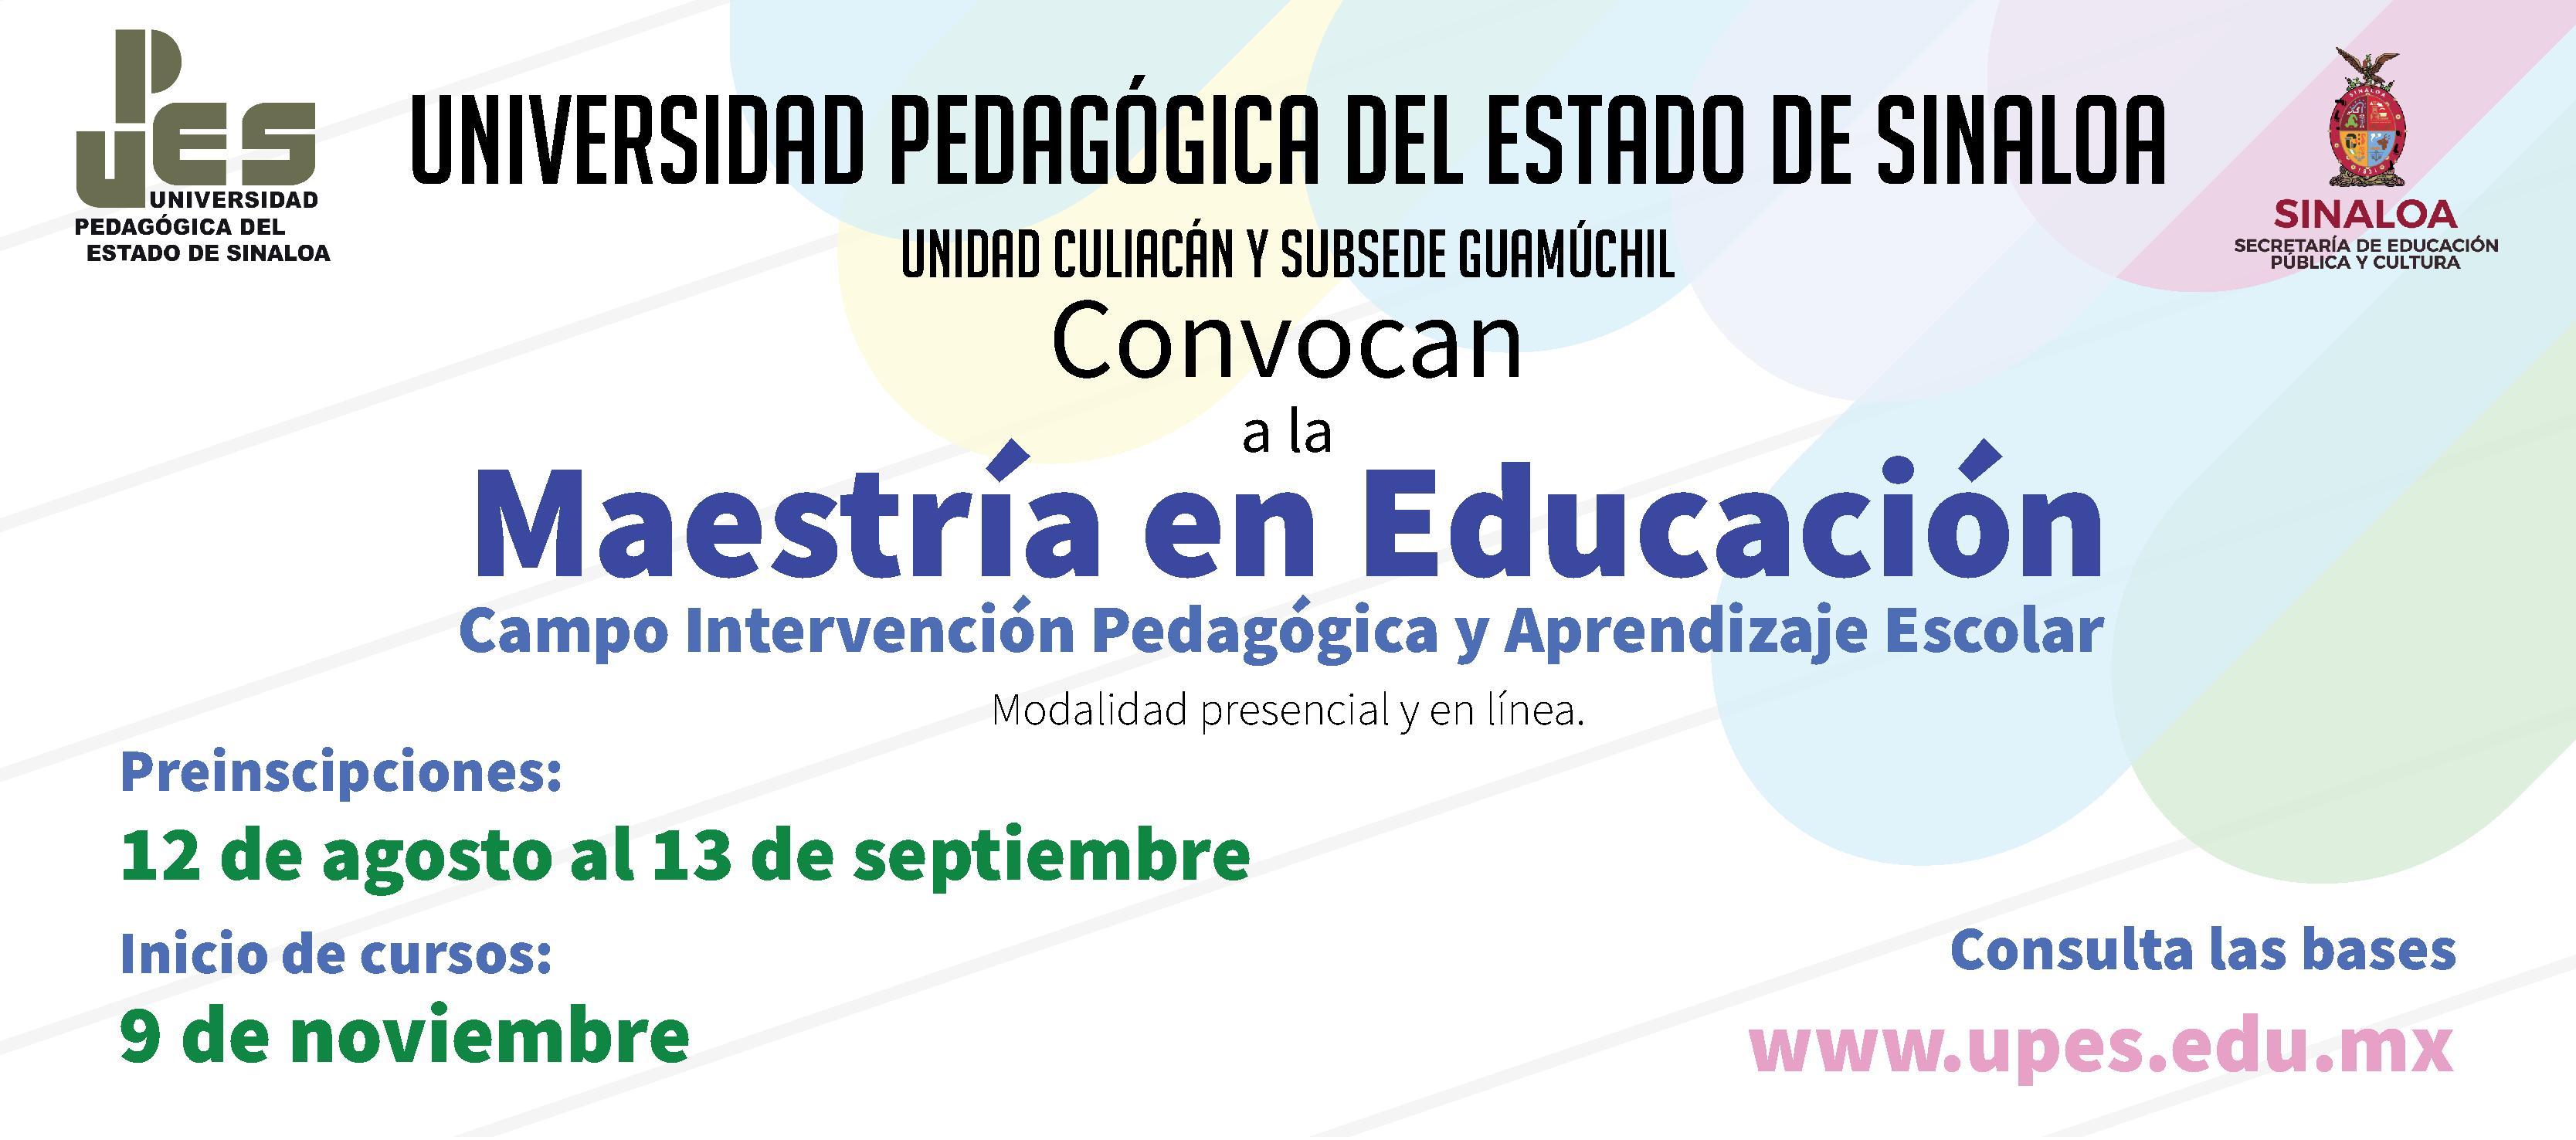 convocatoria-MAESTRIA-EN-Educacion-Campo-Intervencion-Pedagogica-y-Aprendizaje-Escolar-slider